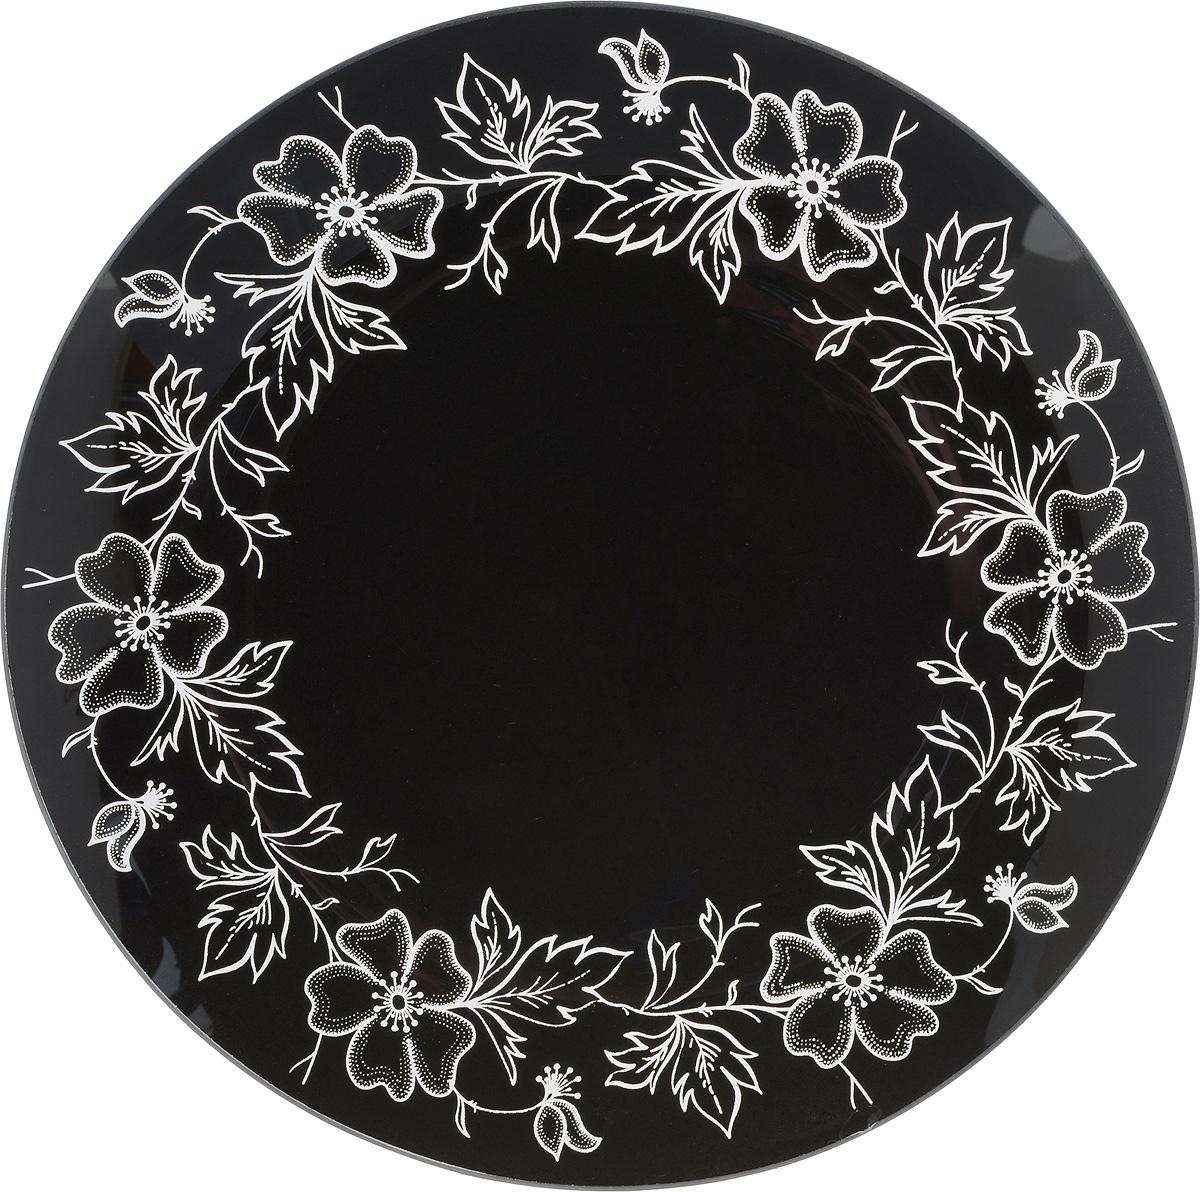 Тарелка NiNaGlass Лара, цвет: черный, диаметр 26 см85-260-075/чернТарелка NiNaGlass Лара выполнена из высококачественного стекла и оформлена красивым цветочным узором. Тарелка идеальна для подачи вторых блюд, а также сервировки закусок, нарезок, салатов, овощей и фруктов. Она отлично подойдет как для повседневных, так и для торжественных случаев. Такая тарелка прекрасно впишется в интерьер вашей кухни и станет достойным дополнением к кухонному инвентарю.